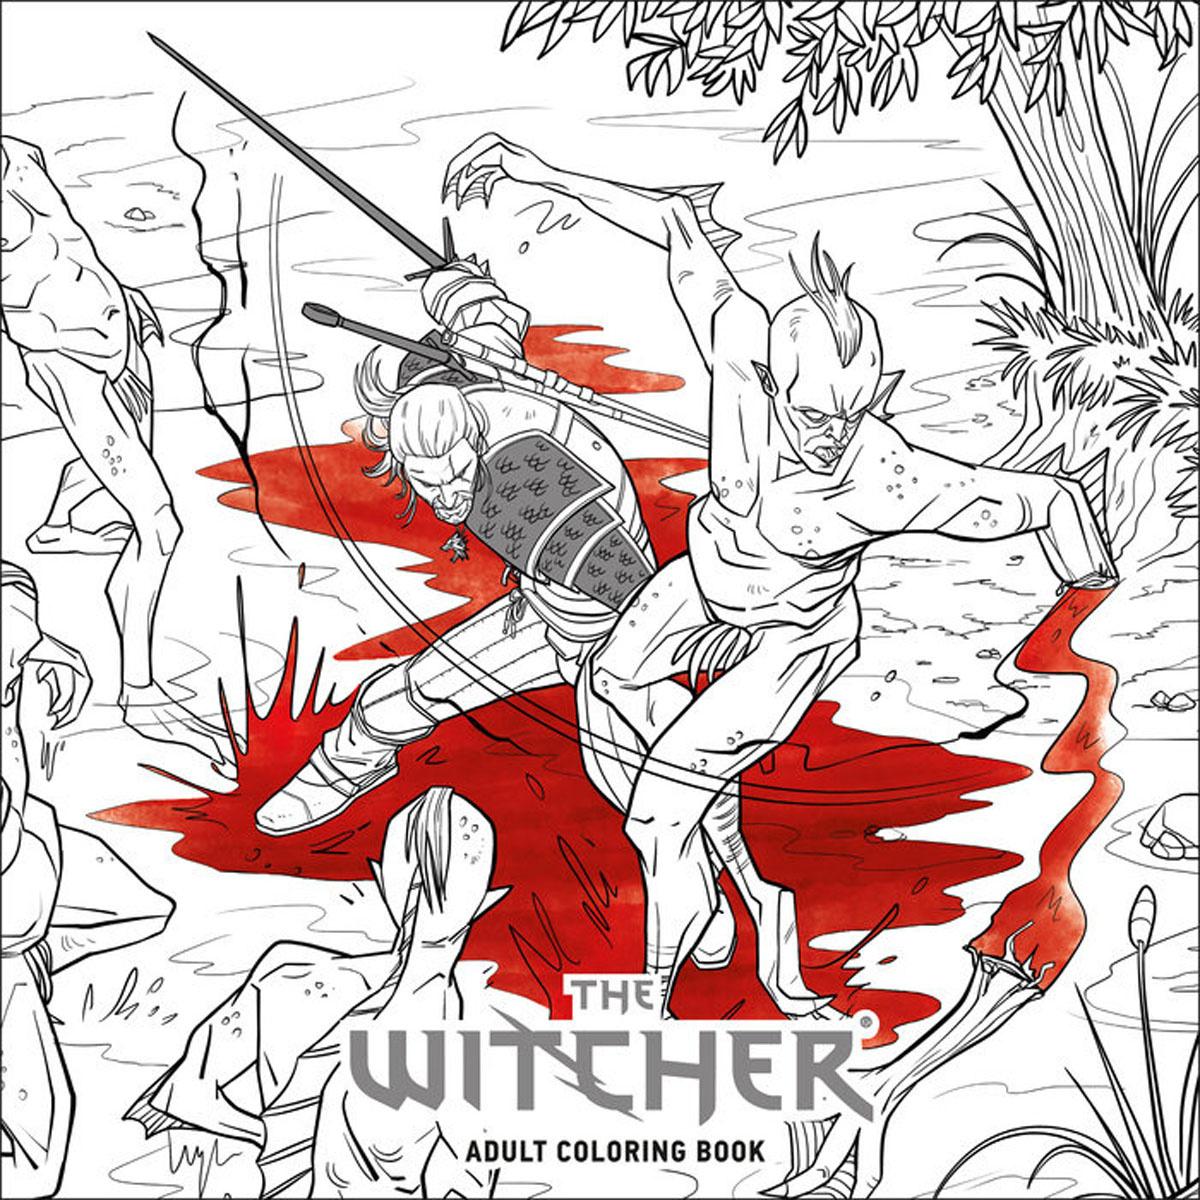 The Witcher Adult Coloring Book купить в интернет магазине Ozon с быстрой доставкой